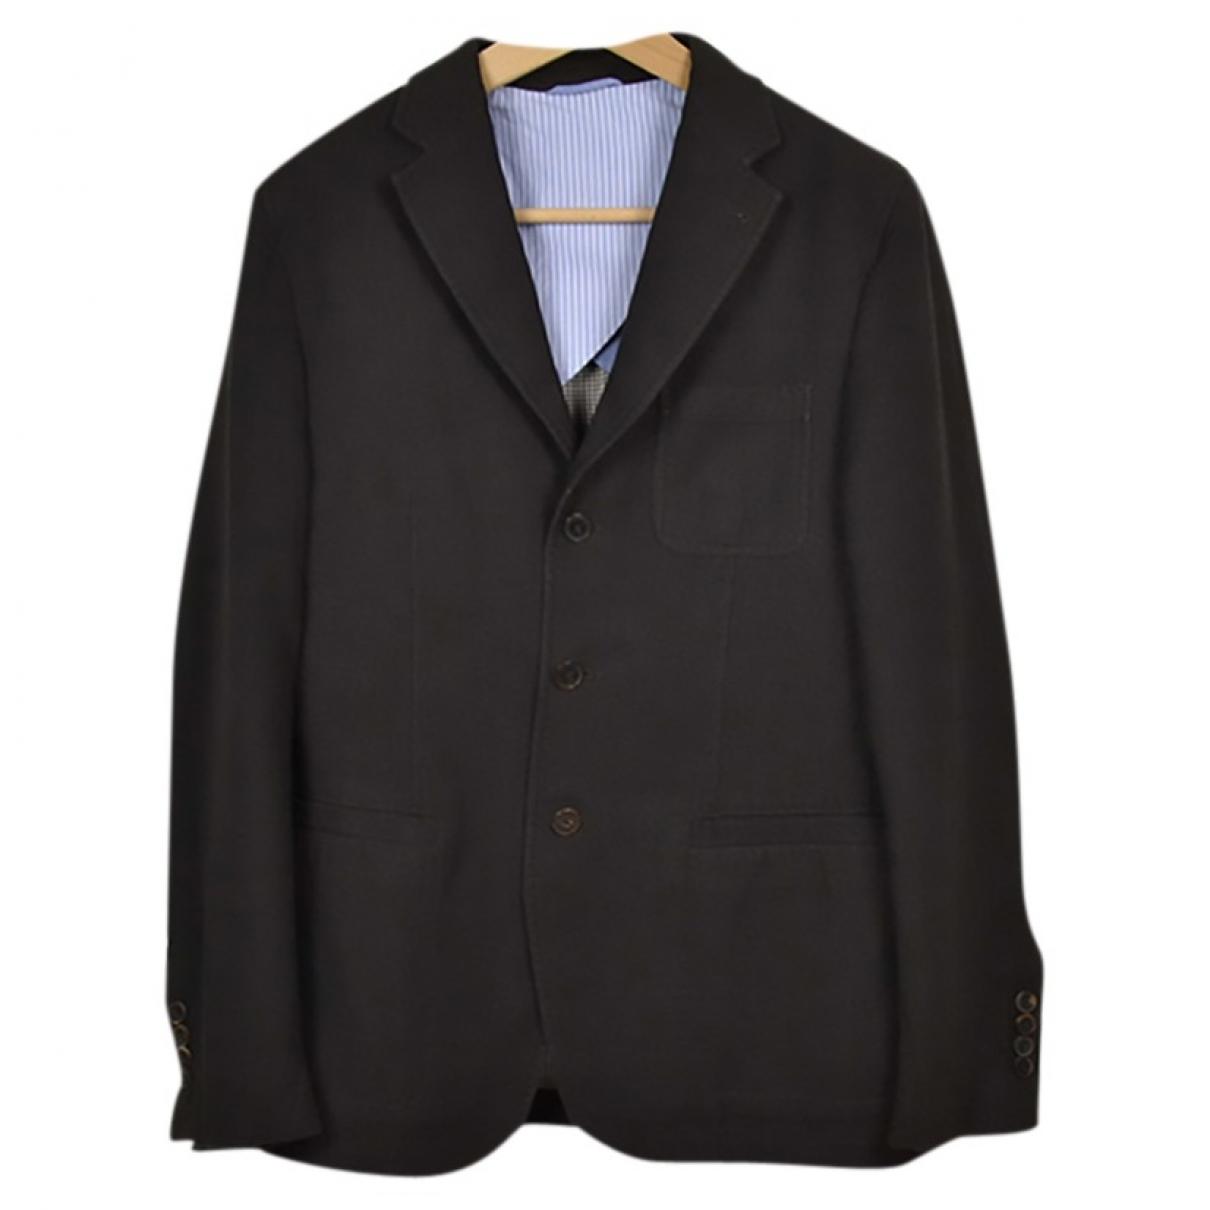 Massimo Dutti - Vestes.Blousons   pour homme en coton - marron